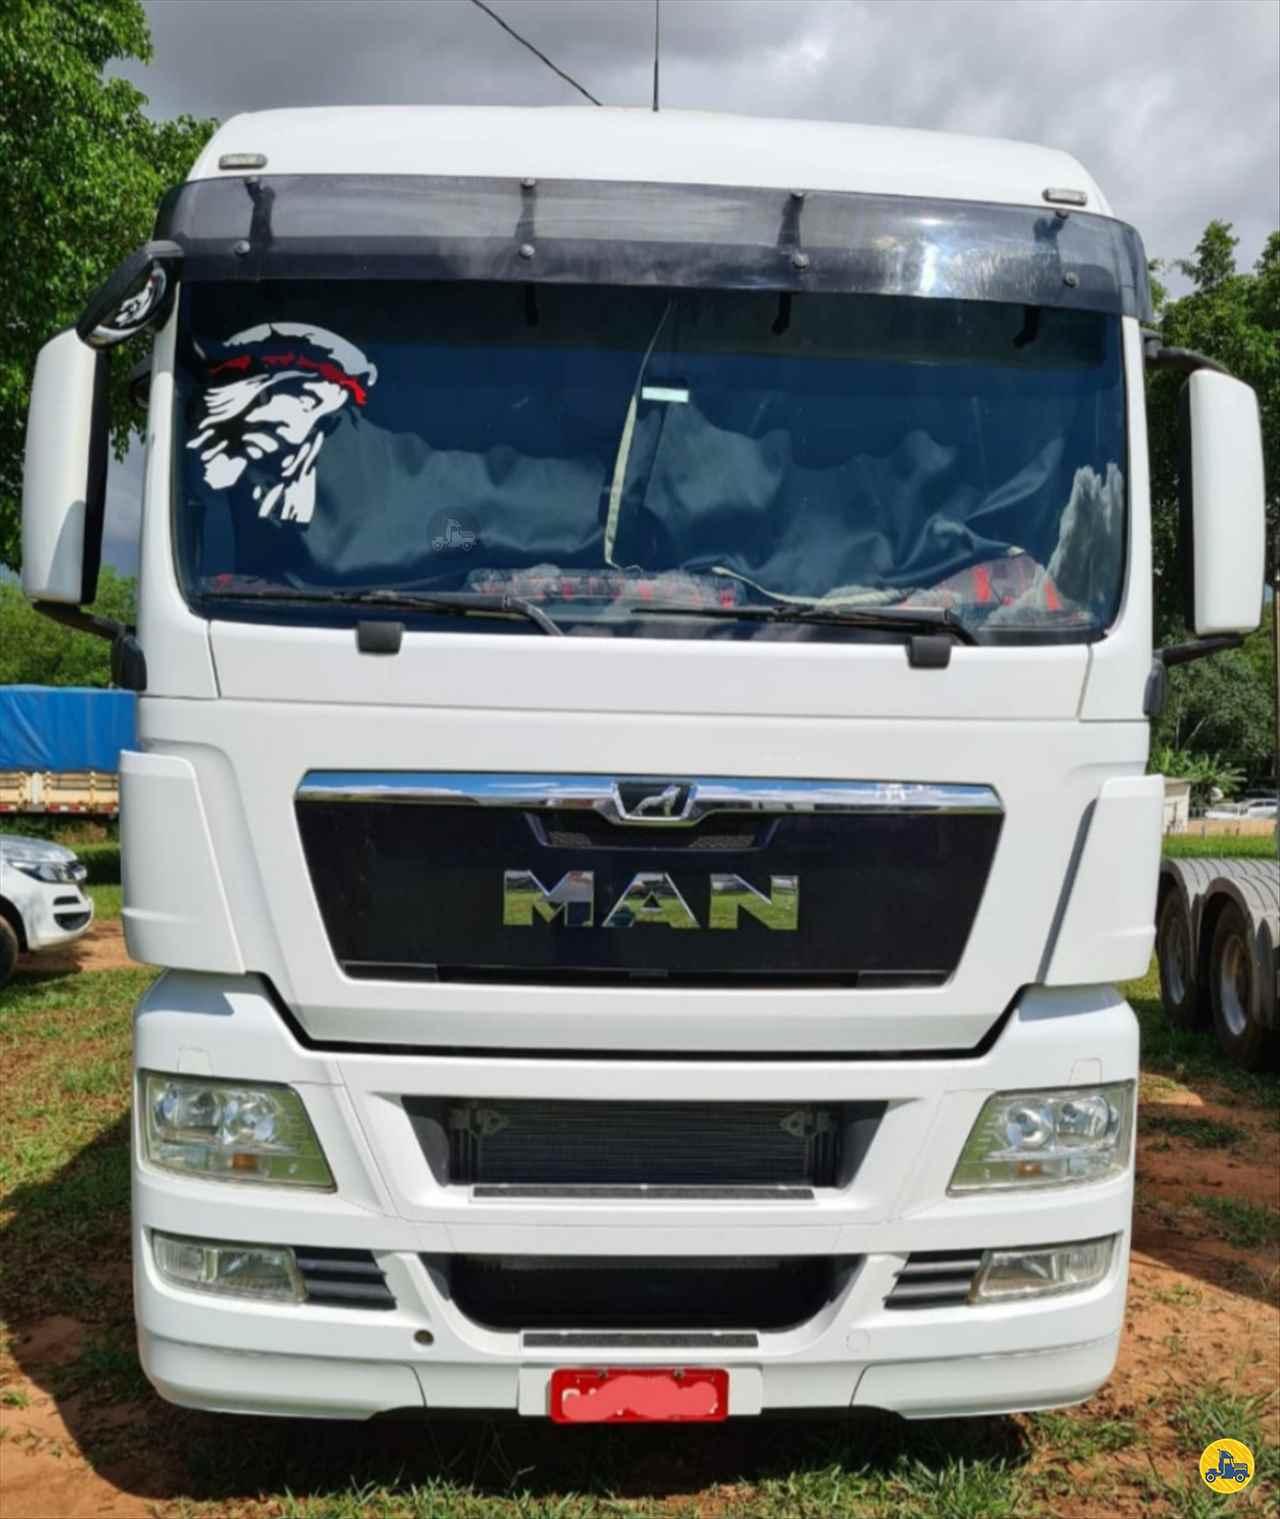 CAMINHAO MAN TGX 29 480 Cavalo Mecânico Traçado 6x4 Rodrigo Caminhões CAMPO GRANDE MATO GROSSO DO SUL MS